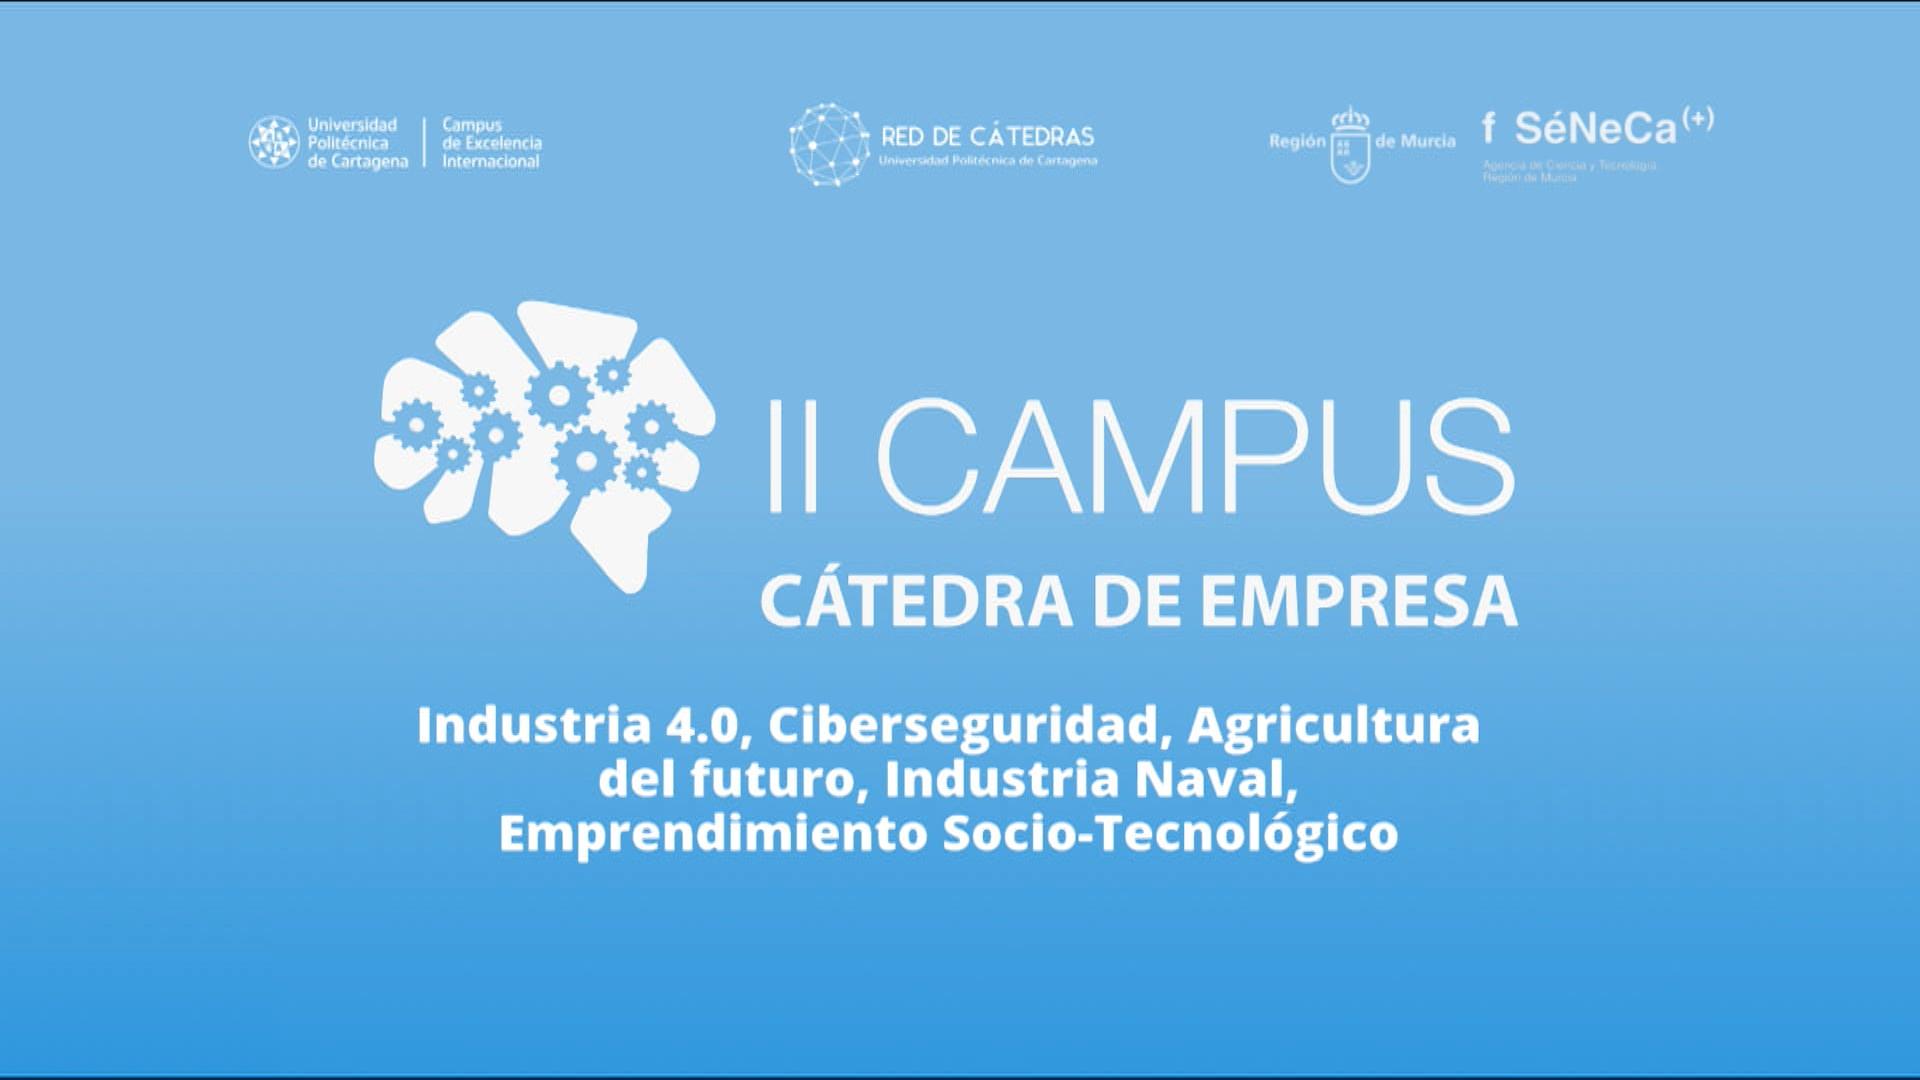 Asombroso Reanudar La Muestra Universitaria Modelo - Ejemplo De ...